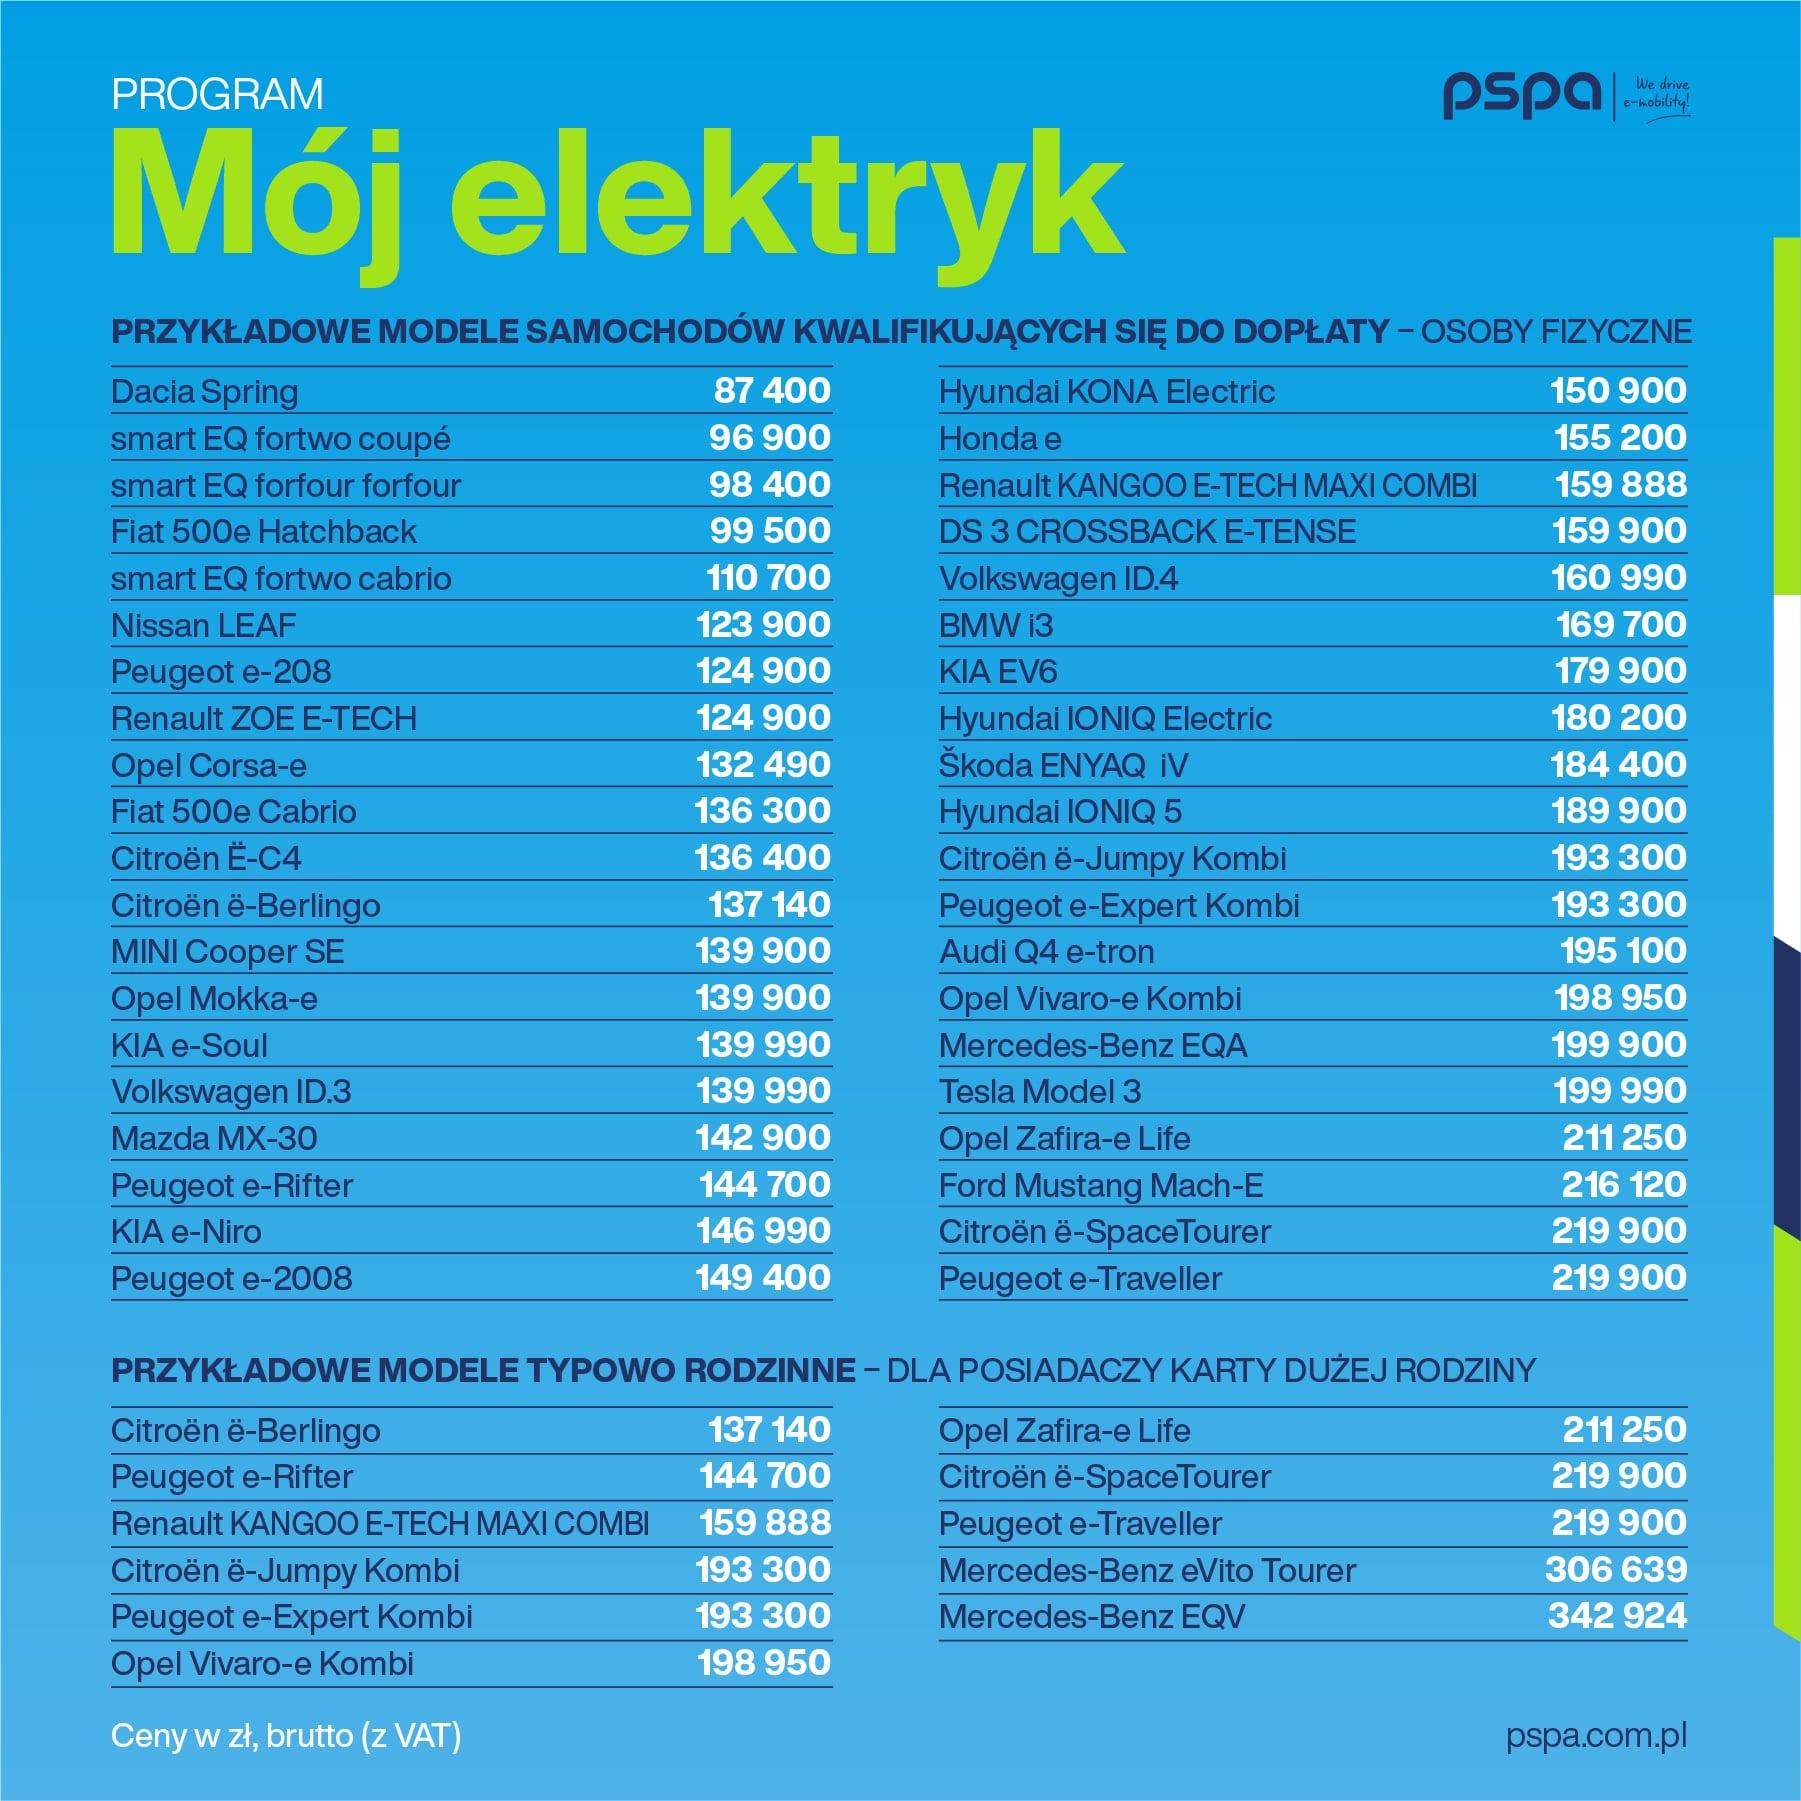 pspa_doplaty_moj_elektryk_grafika_1080x1080px_02